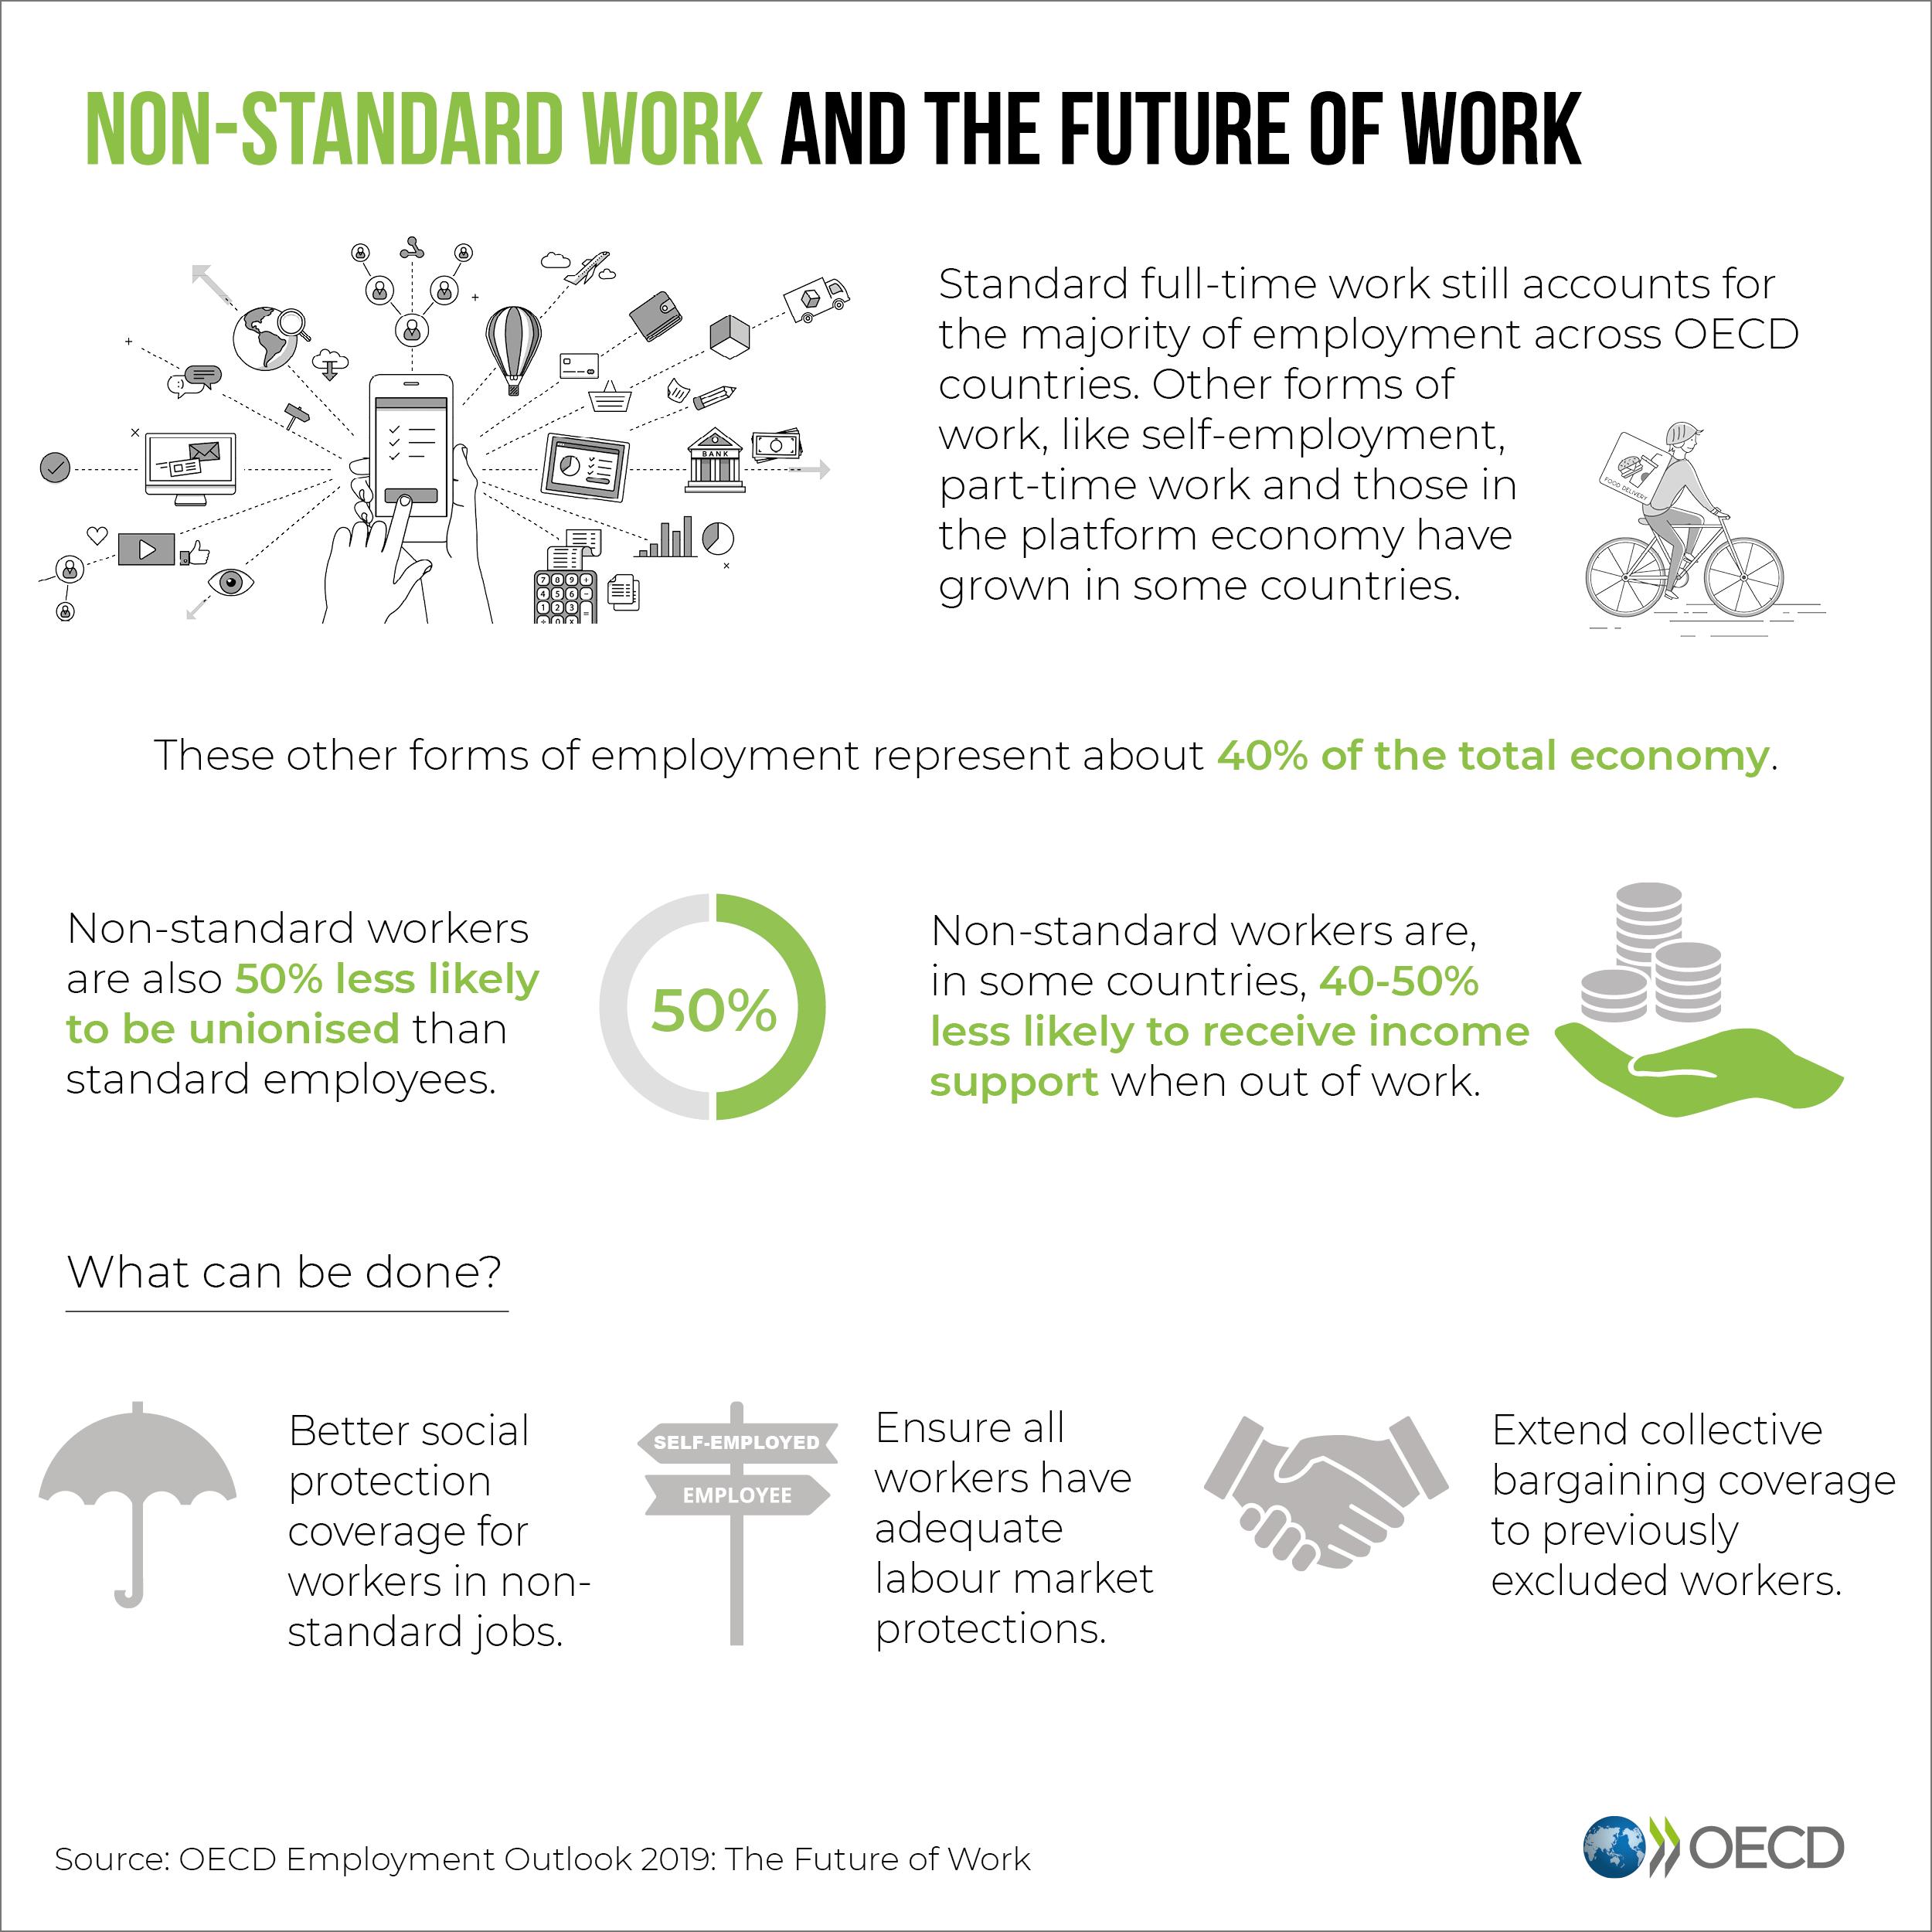 Les emplois non-standard